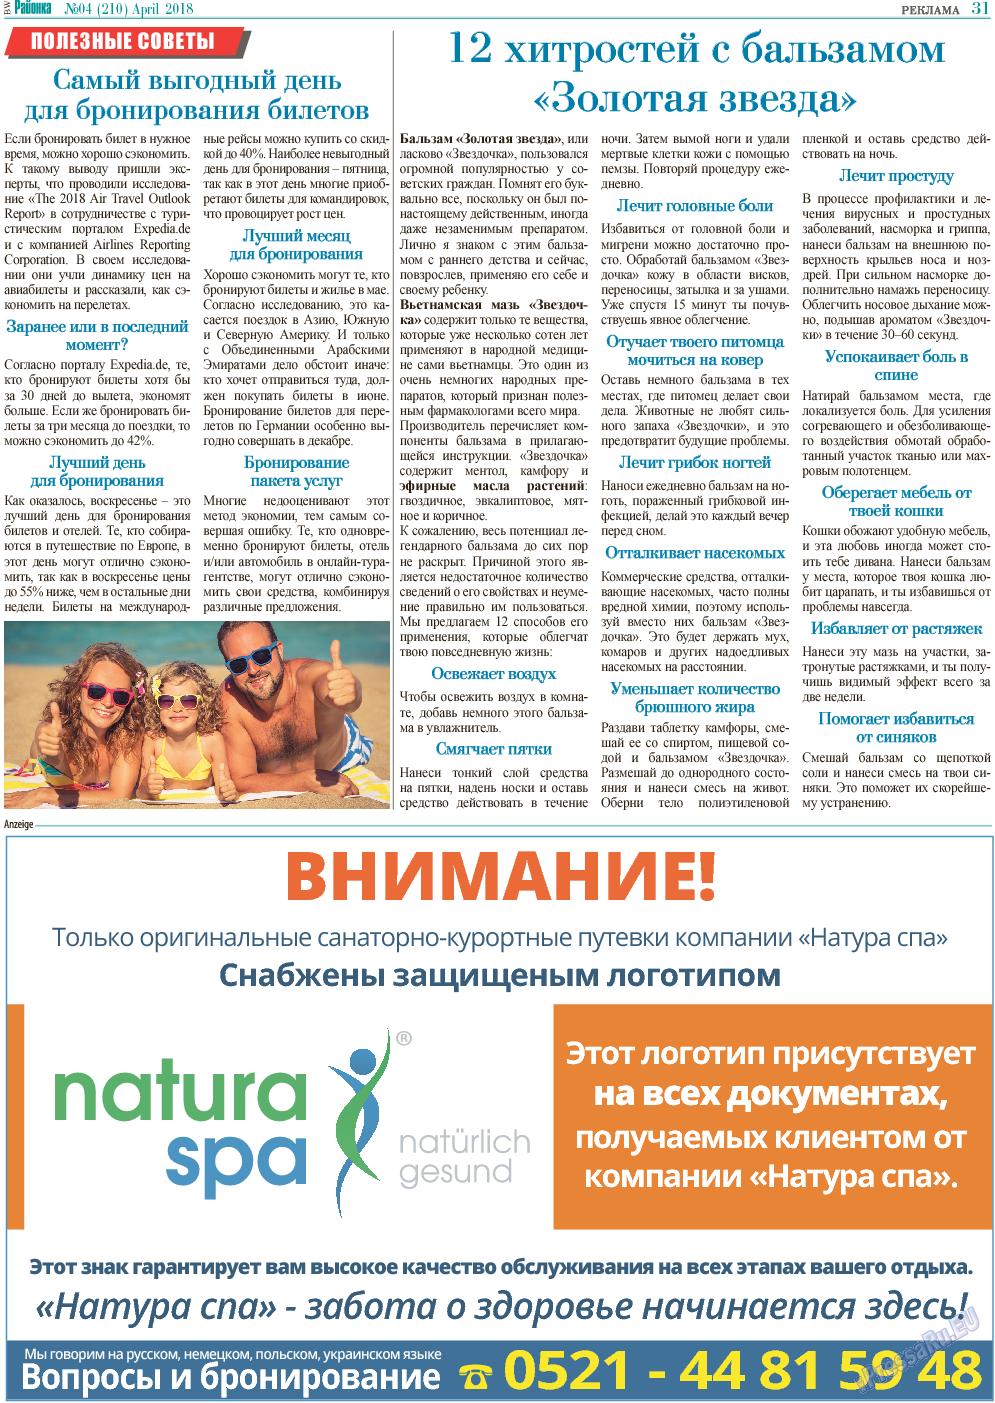 Районка-West (газета). 2018 год, номер 4, стр. 31